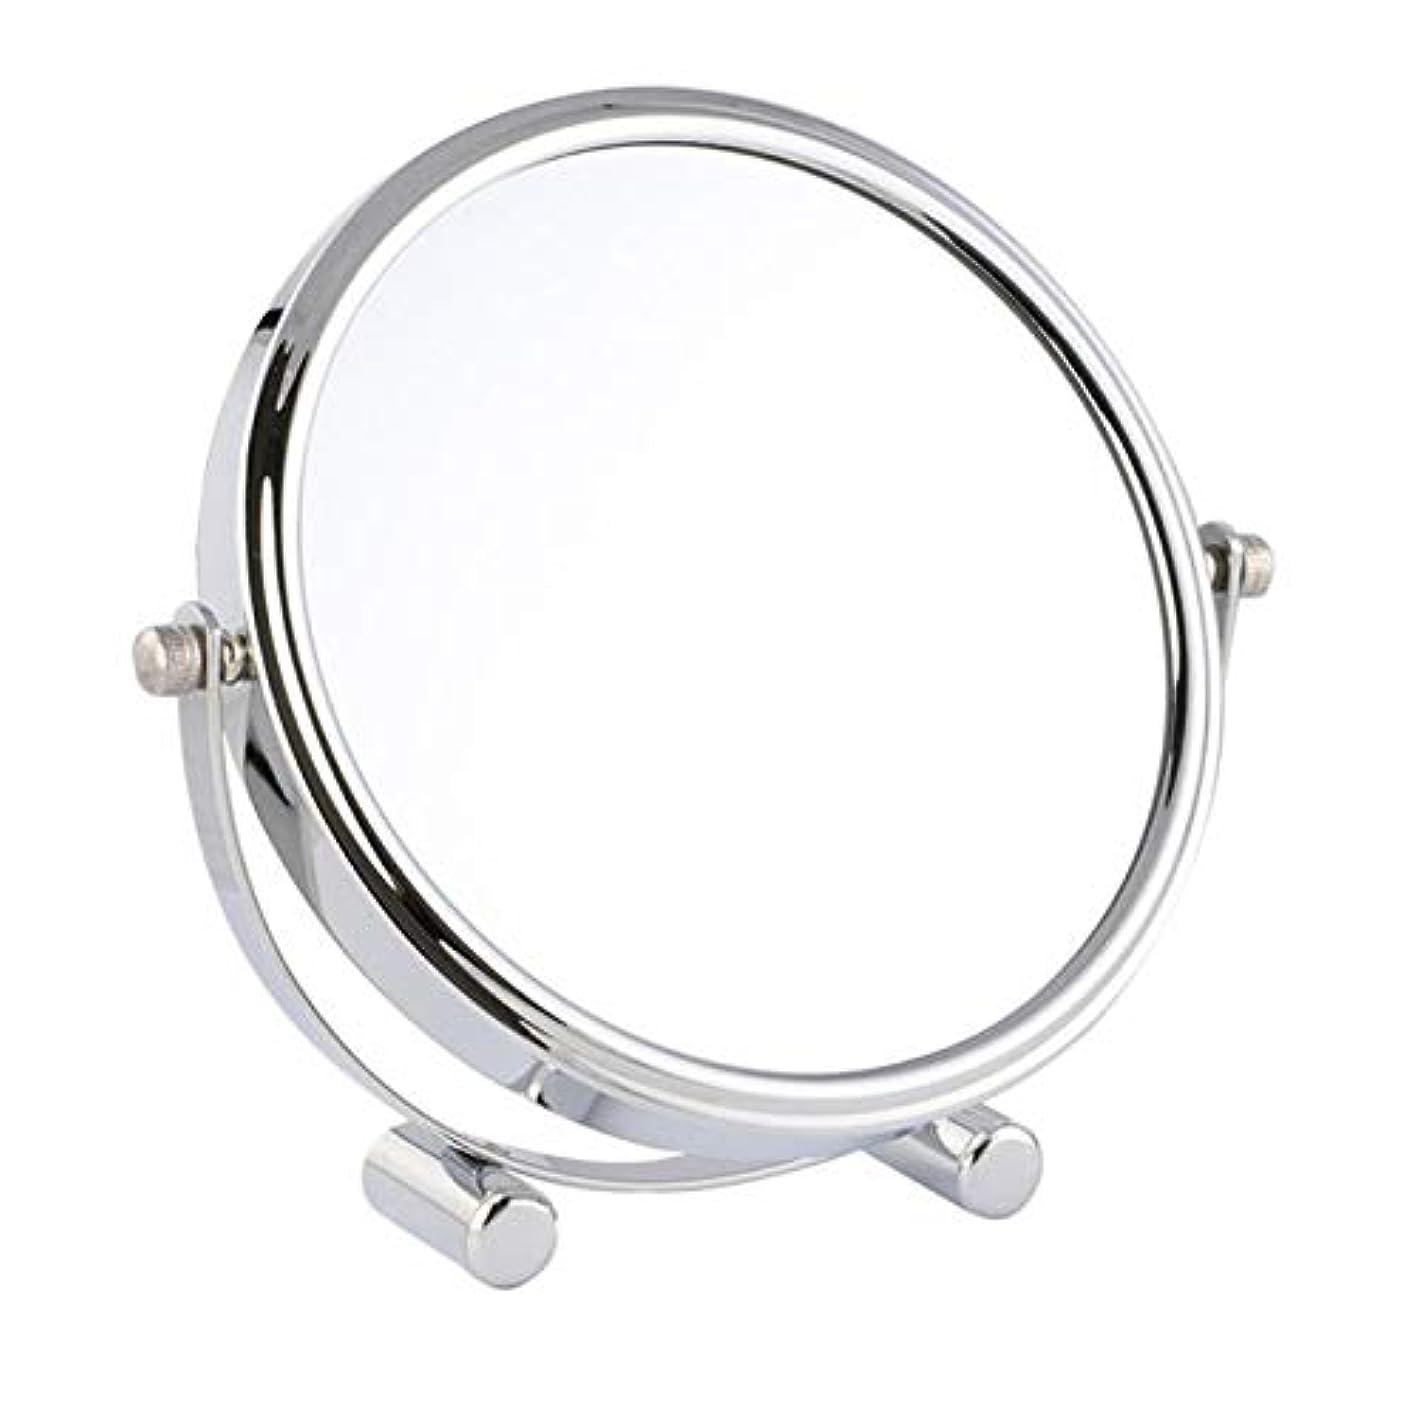 前兆毒液冷淡な化粧鏡 女優ミラー けメイクミラー スタンドミラー 卓上鏡 化粧道具 両面鏡 片面2倍 拡大鏡 360度回転 鏡面直径17cm